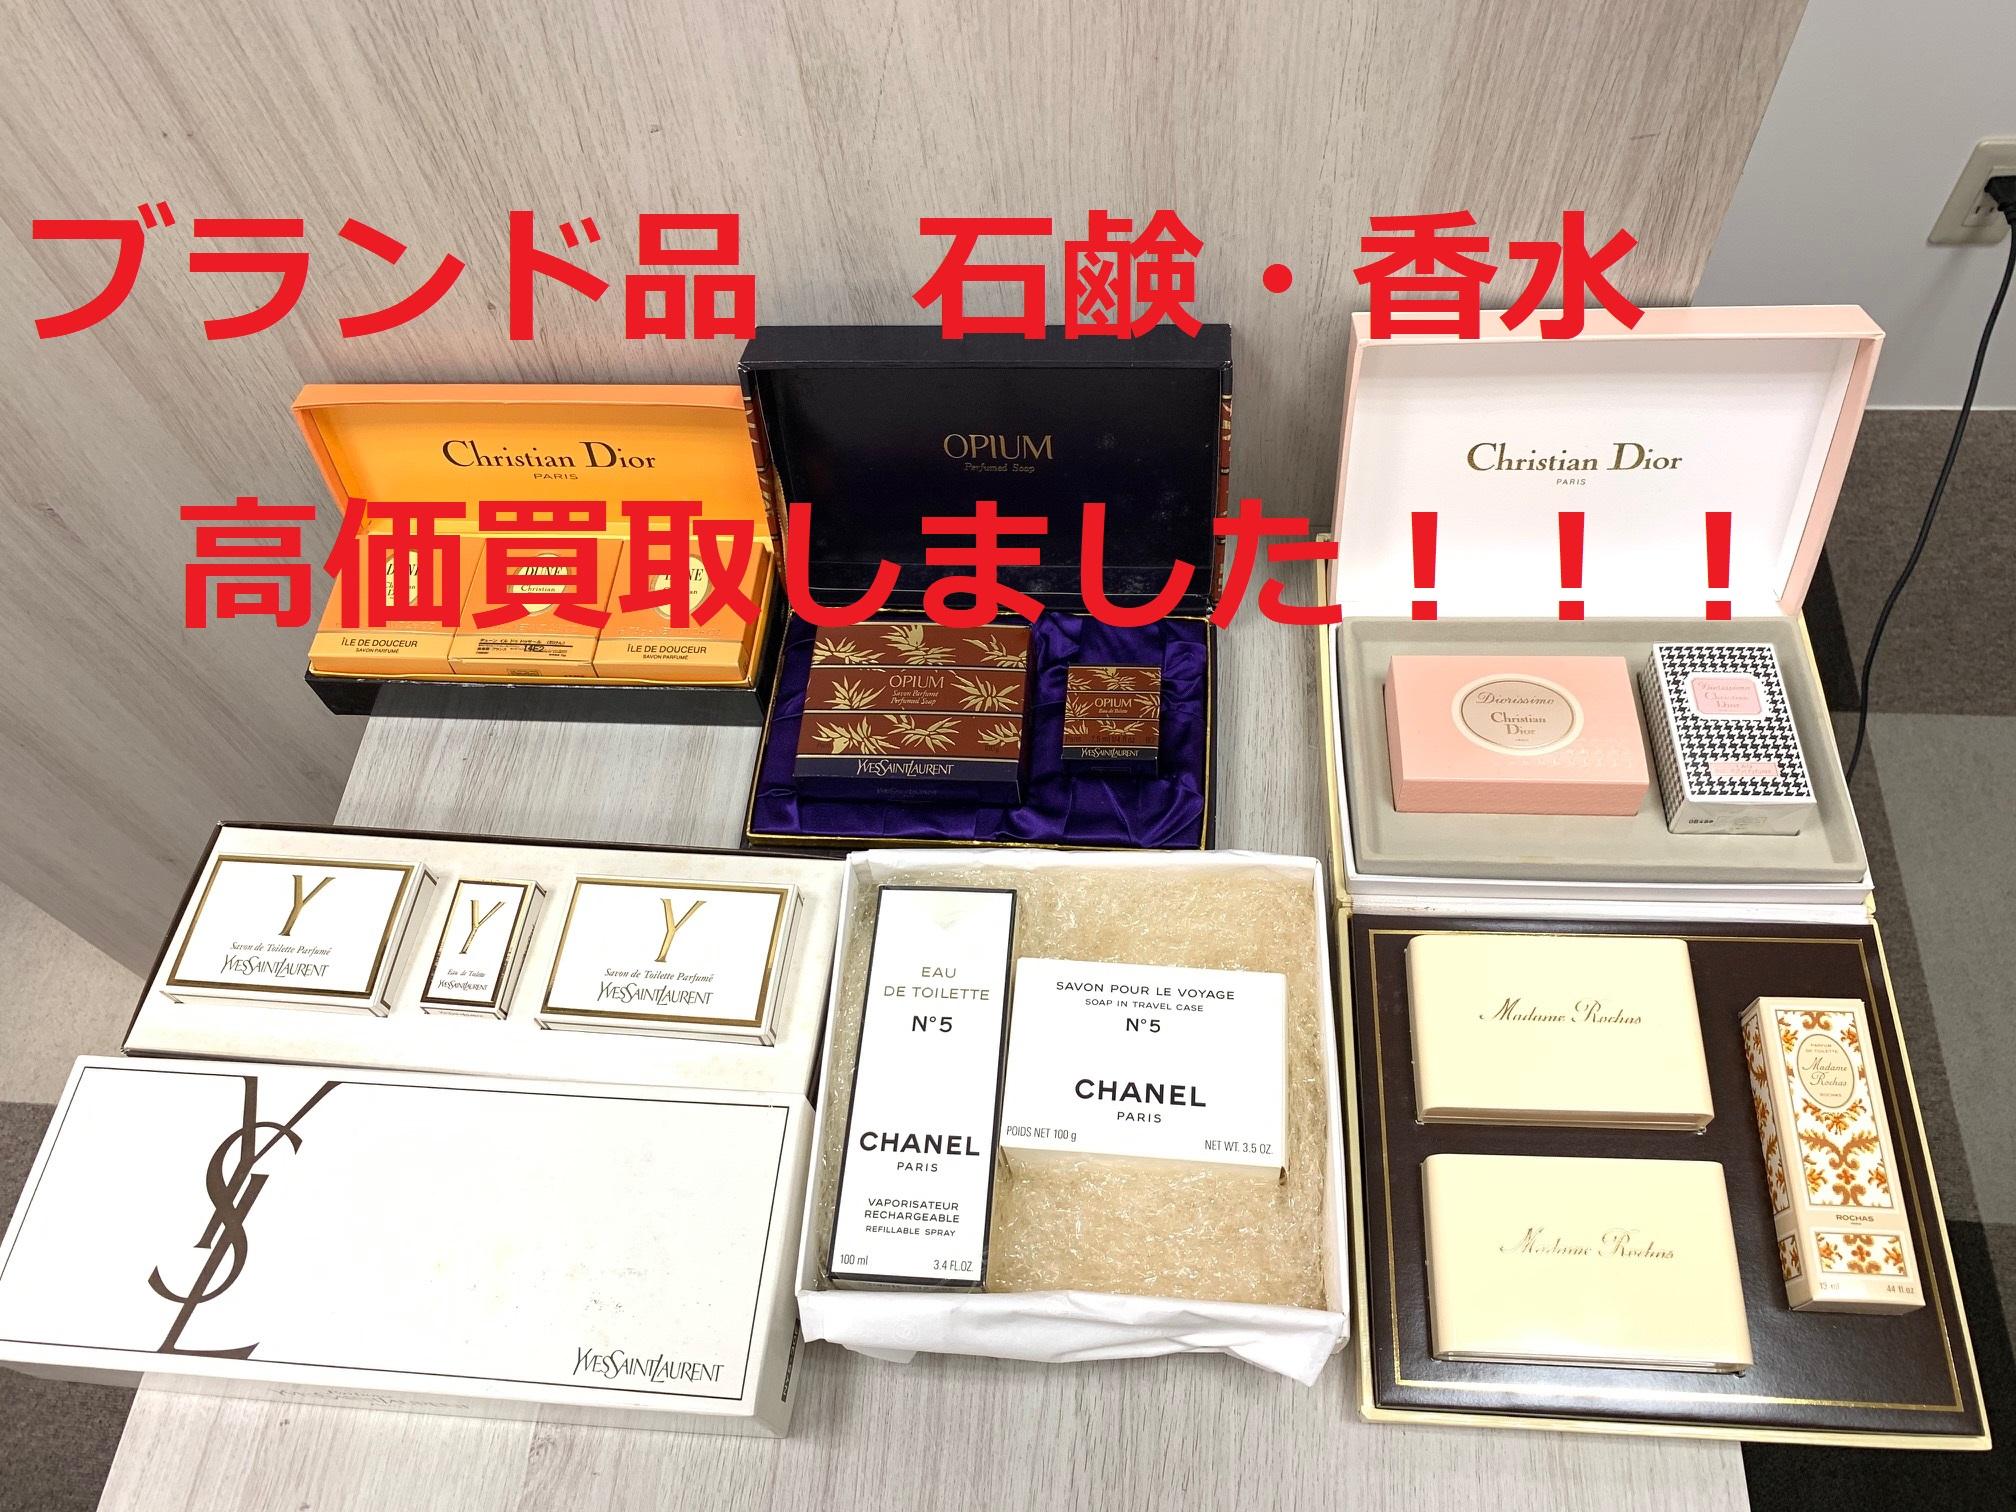 買取わかばイオン藤沢湘南ライフタウン店ブランド品香水・石鹸・化粧品高価買取させて頂きました!!使用品から未使用品まで幅広く買取ます!